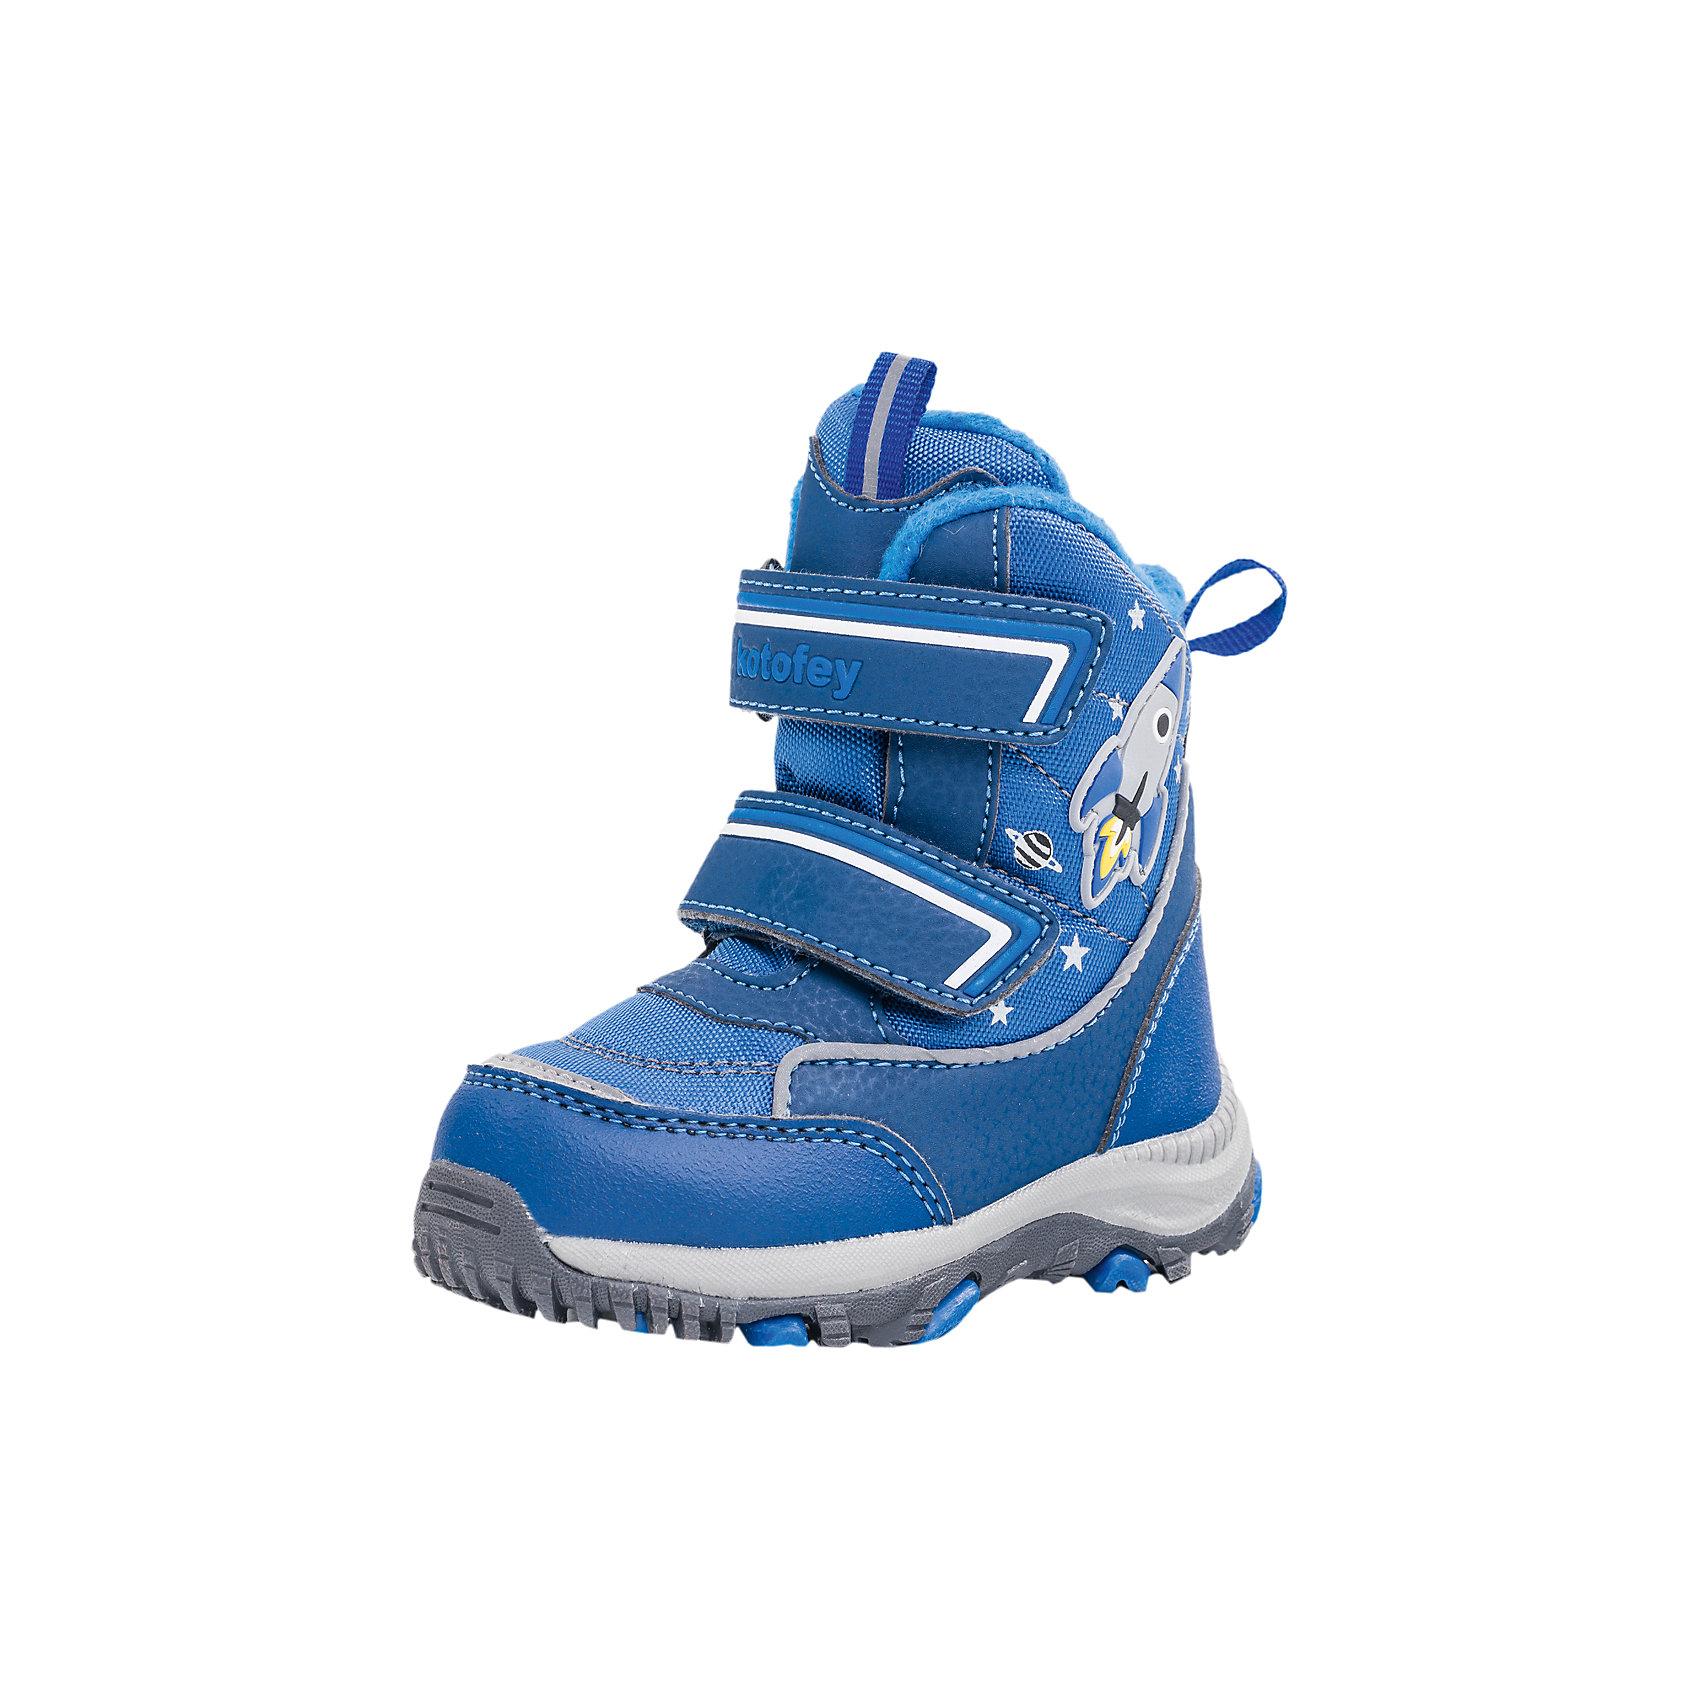 Ботинки для мальчика КотофейБотинки<br>Характеристики товара:<br><br>• цвет: синий<br>• внешний материал: полимер<br>• внутренний материал: шерсть<br>• стелька: шерсть<br>• подошва: филон+ТЭП<br>• сезон: зима<br>• мембранные<br>• температурный режим: от -20 до +5<br>• особенности модели: спортивный стиль<br>• застежка: липучки<br>• анатомические <br>• подошва не скользит<br>• высокие<br>• защита мыса<br>• страна бренда: Россия<br>• страна изготовитель: Россия<br><br>Мембранные детские ботинки имеют легкую устойчивую подошву. Ботинки для девочки Котофей декорированы принтом. Материал, из которого сделаны детские ботинки, прочный и износостойкий. Зимние ботинки для девочки отличаются комфортной посадкой.<br><br>Ботинки для мальчика Котофей можно купить в нашем интернет-магазине.<br><br>Ширина мм: 262<br>Глубина мм: 176<br>Высота мм: 97<br>Вес г: 427<br>Цвет: синий<br>Возраст от месяцев: 24<br>Возраст до месяцев: 24<br>Пол: Мужской<br>Возраст: Детский<br>Размер: 25,22,23,24<br>SKU: 6913208